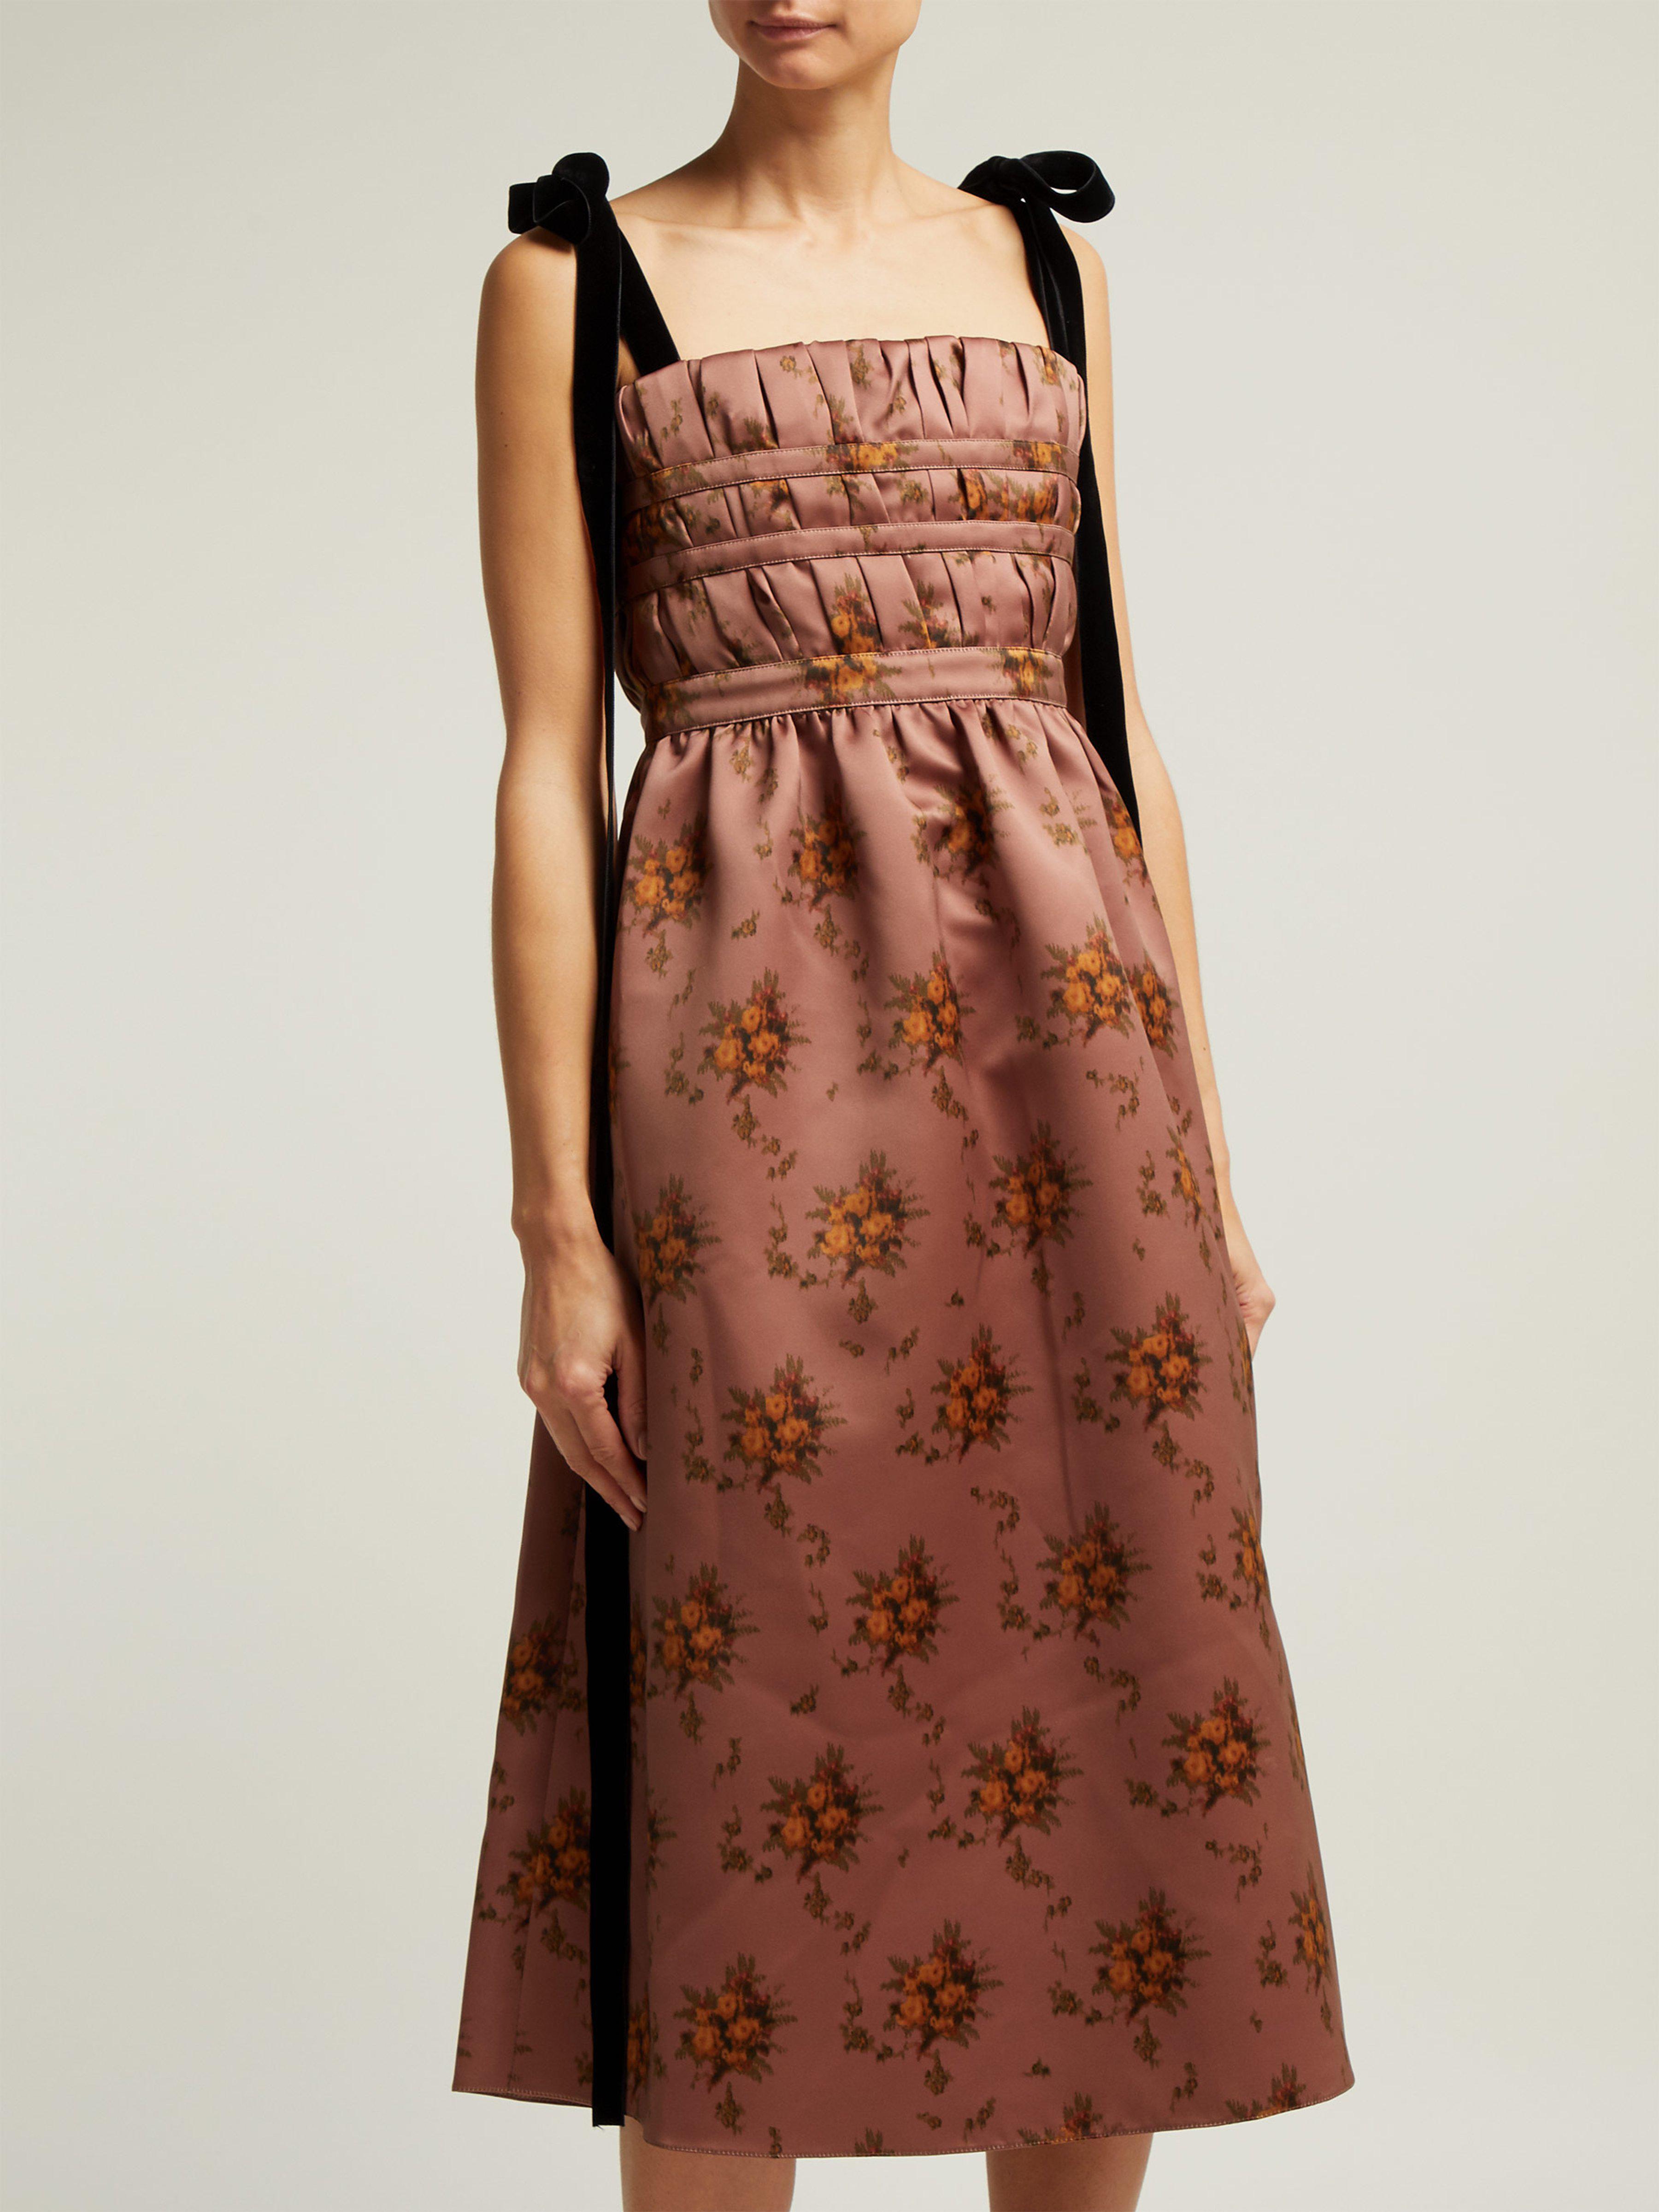 brock collection floral print satin dress